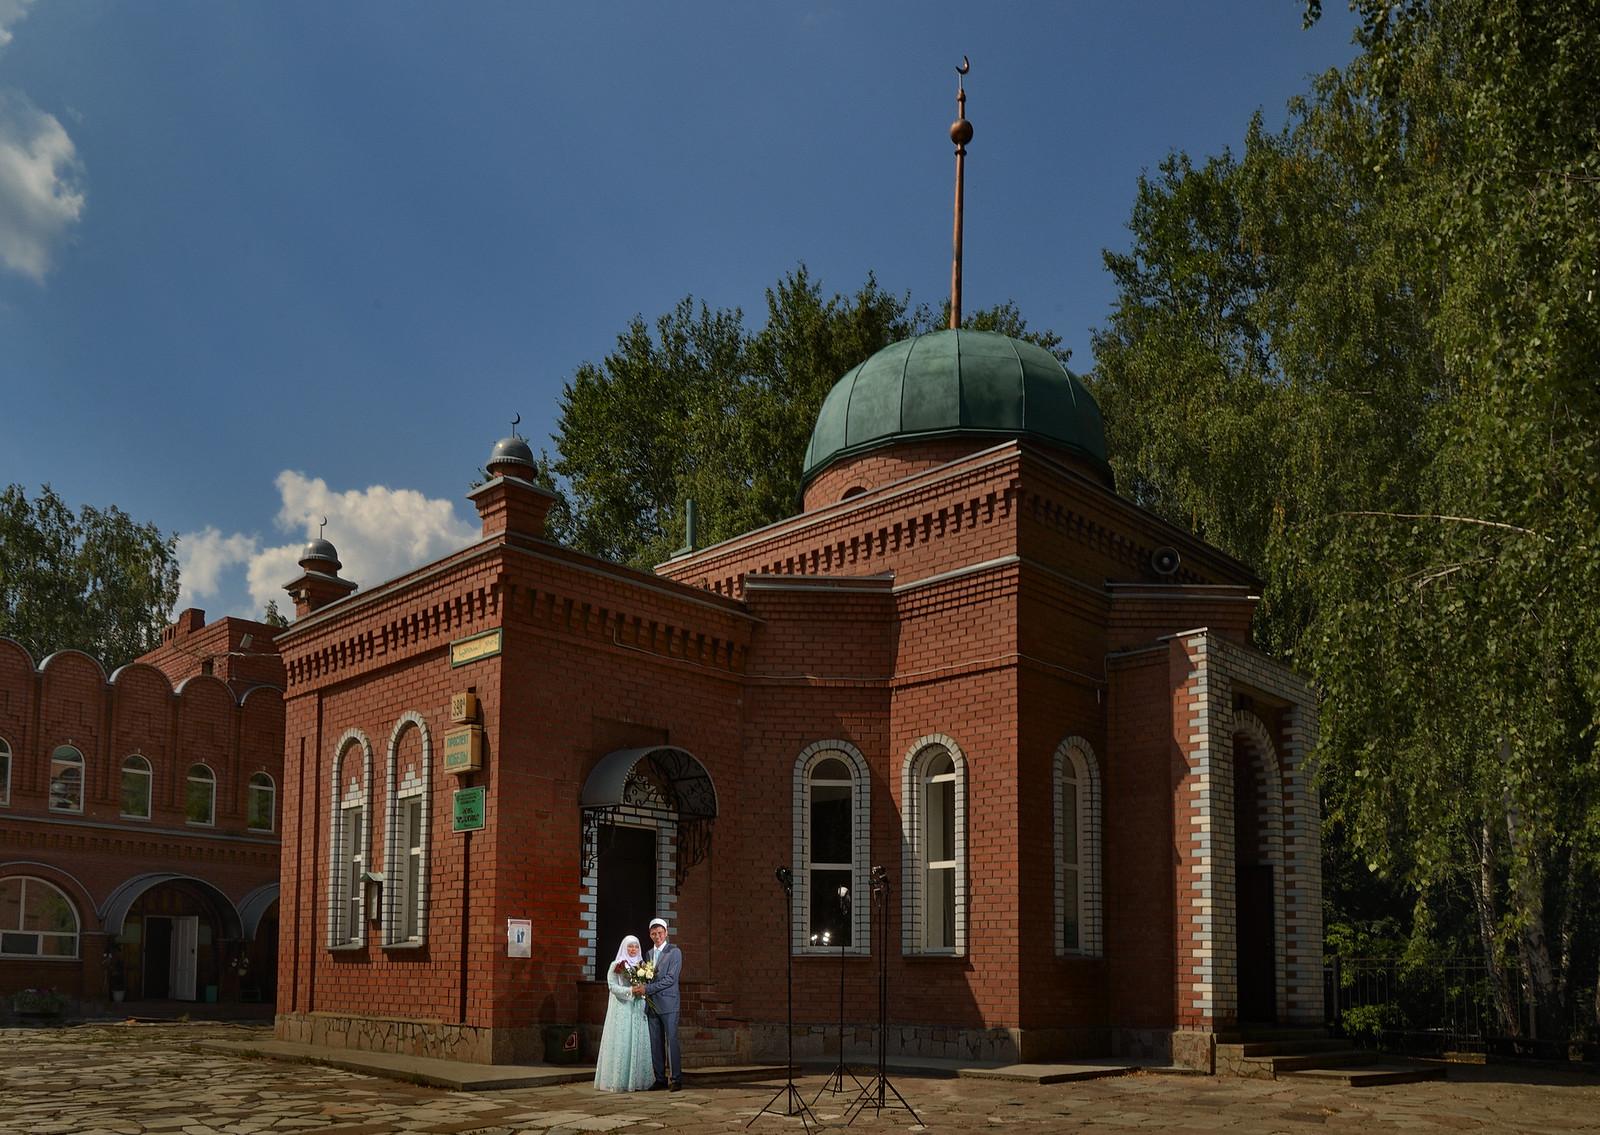 свадебный фотограф Челябинск - Мечеть Исмагила, Челябинск